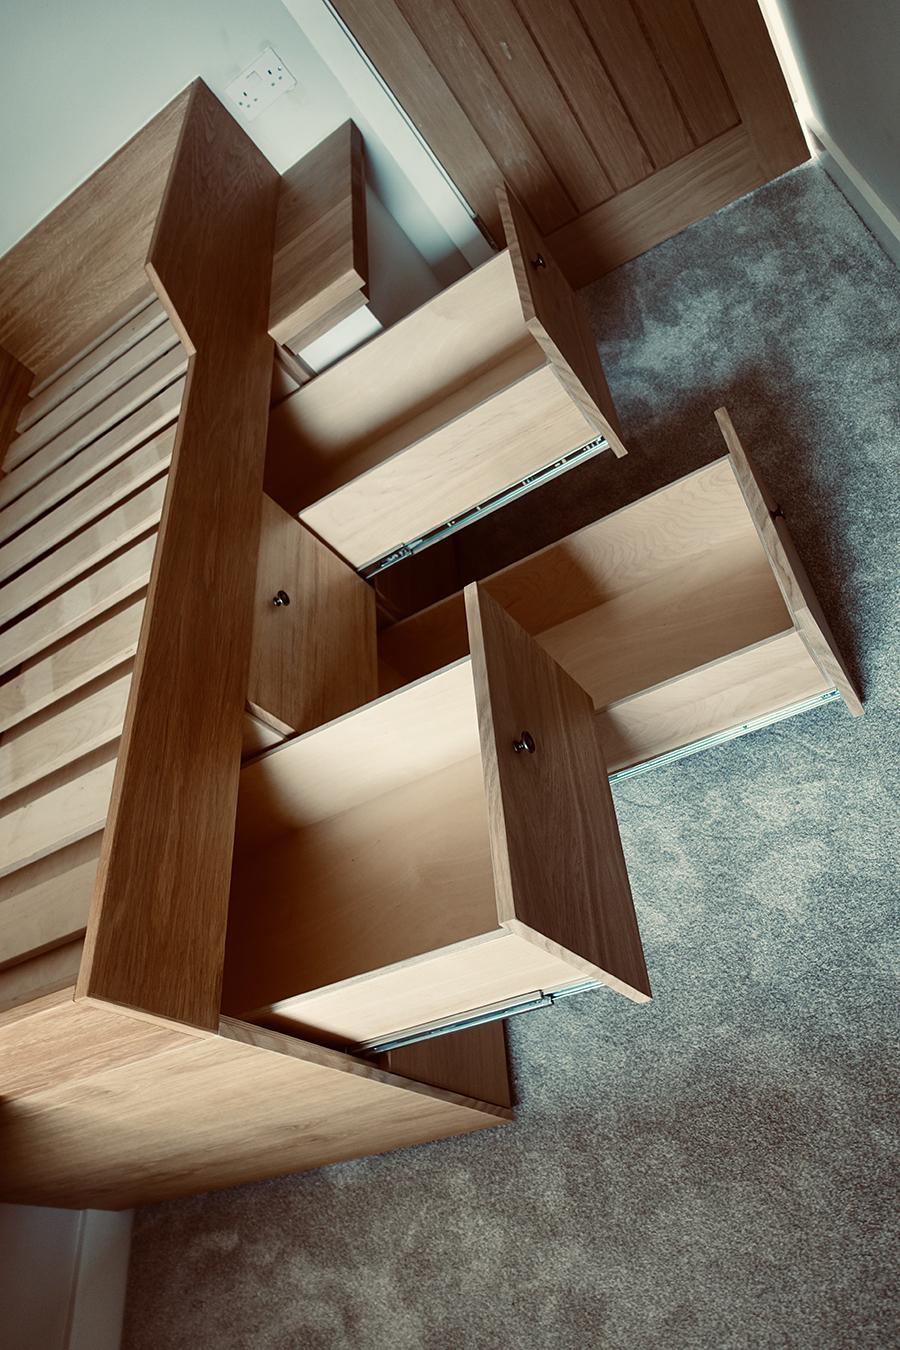 Inbuilt Bedding Shelves